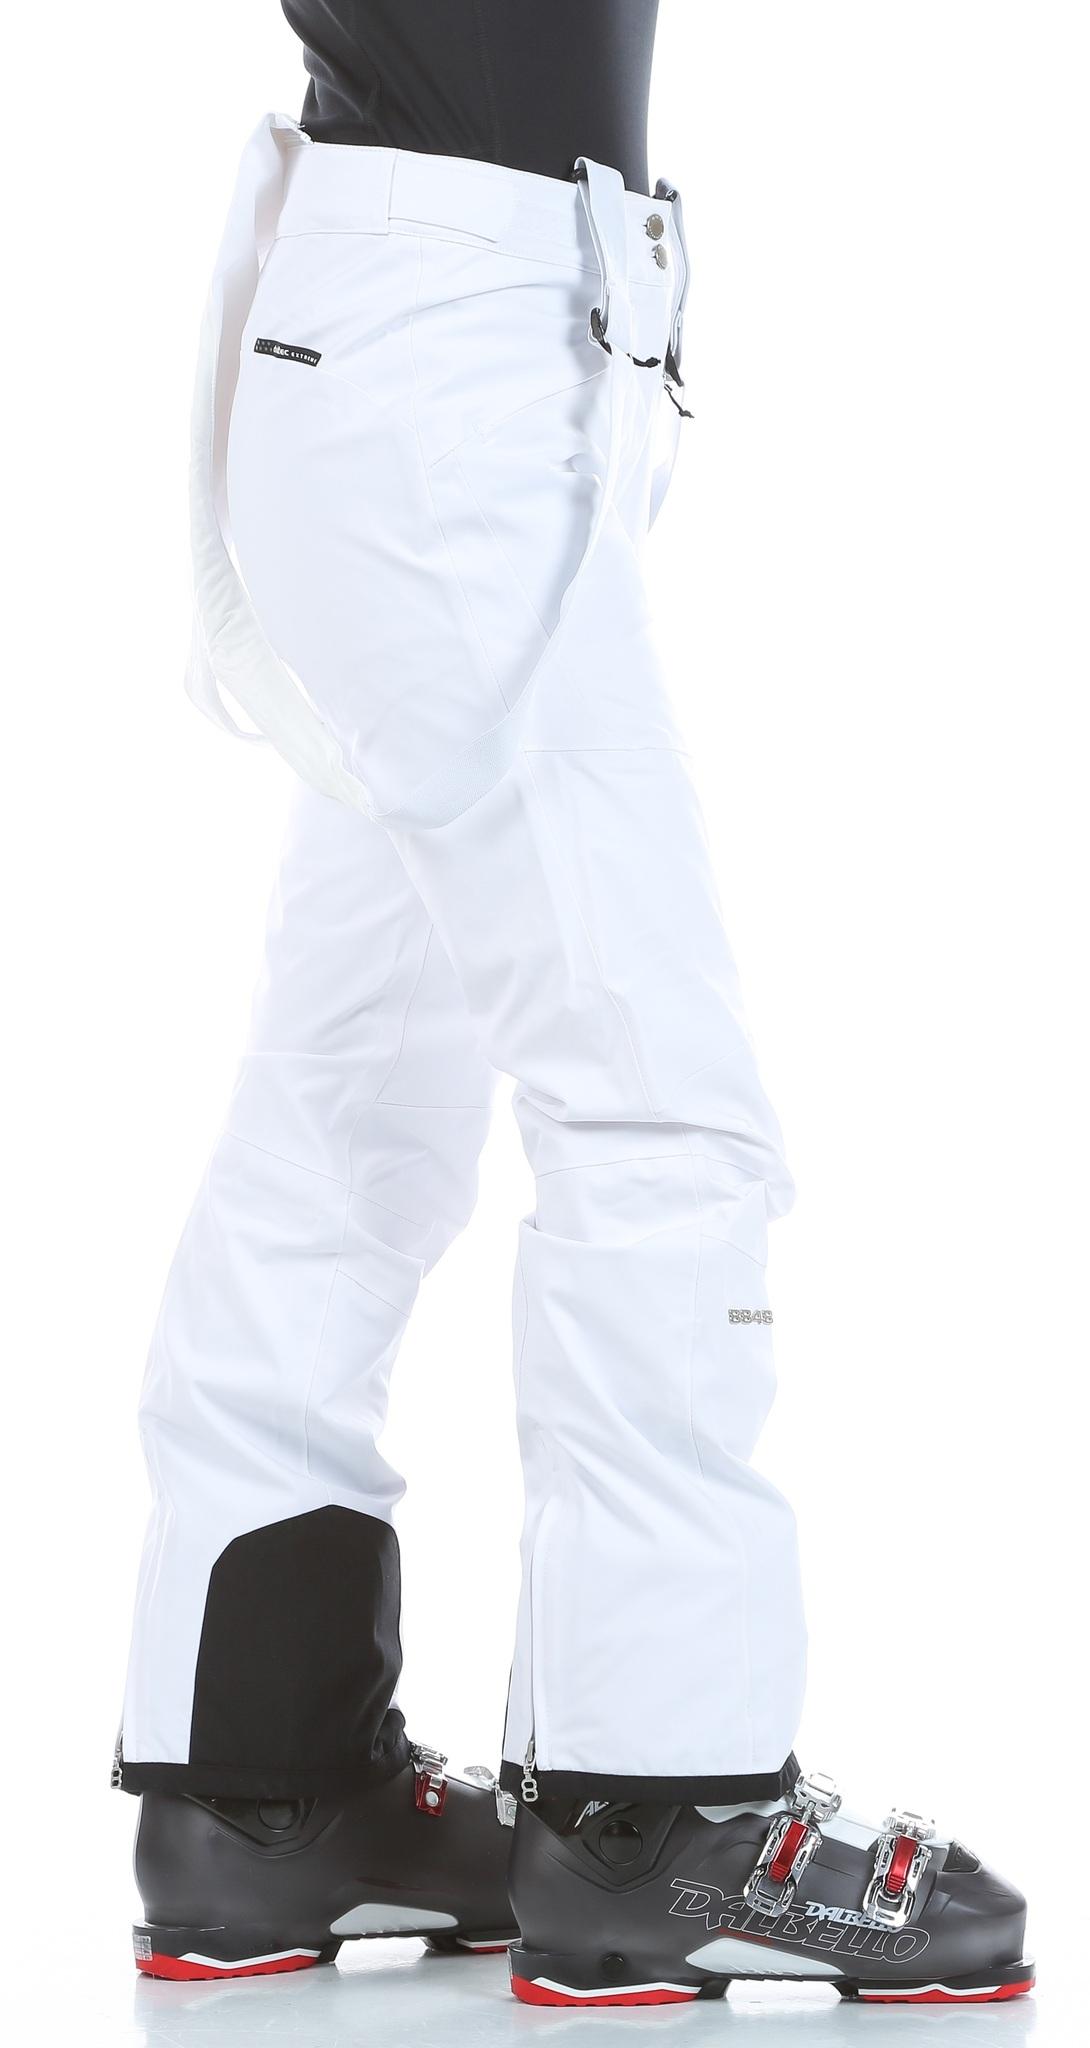 Женские брюки 8848 Altitude POPPY white (668652)